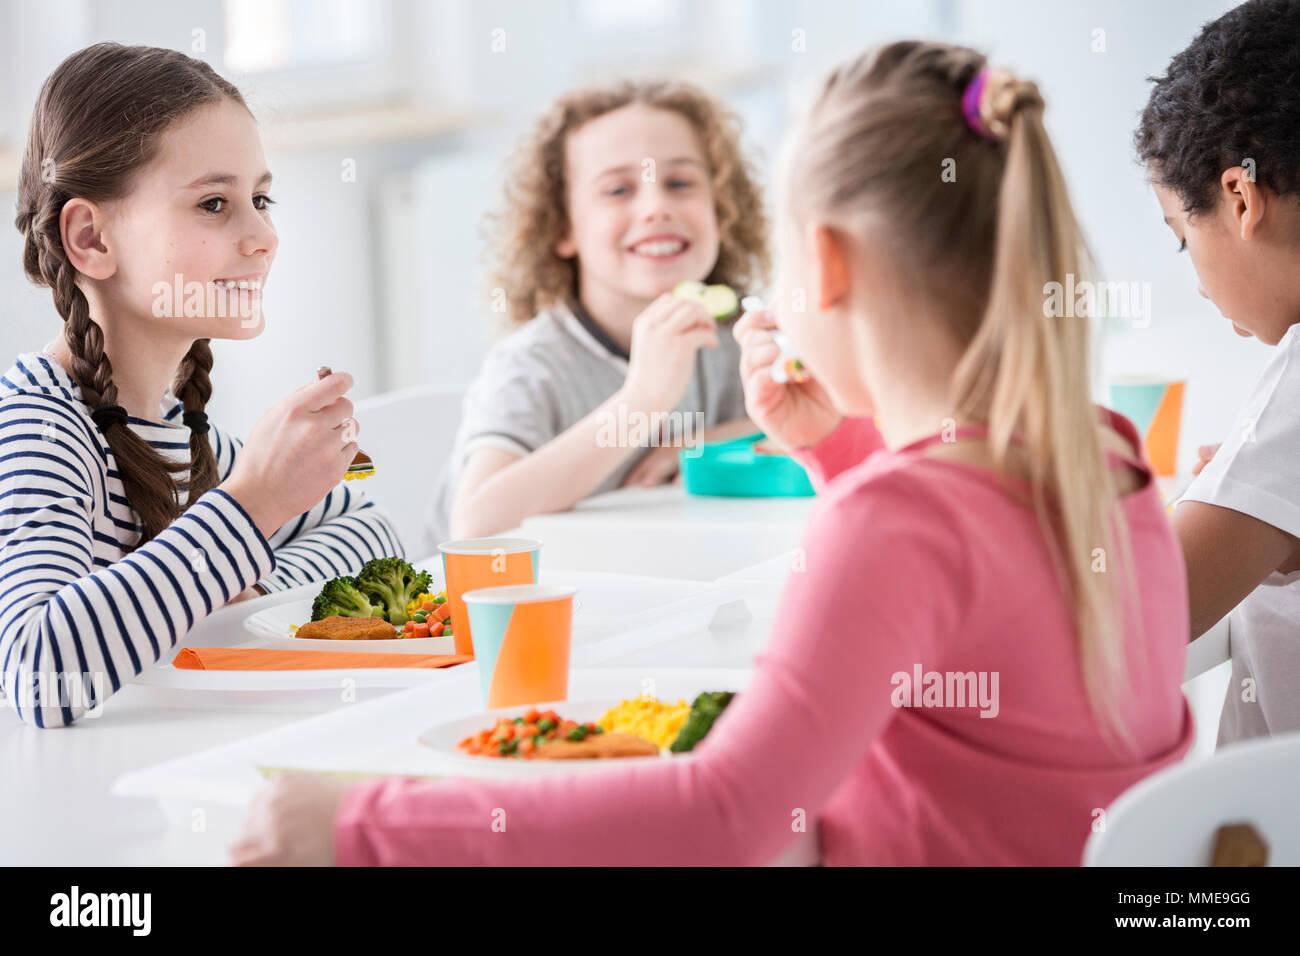 Lächelnde Mädchen essen Gemüse während der Mittagspause mit Freunden in der Schule Stockbild